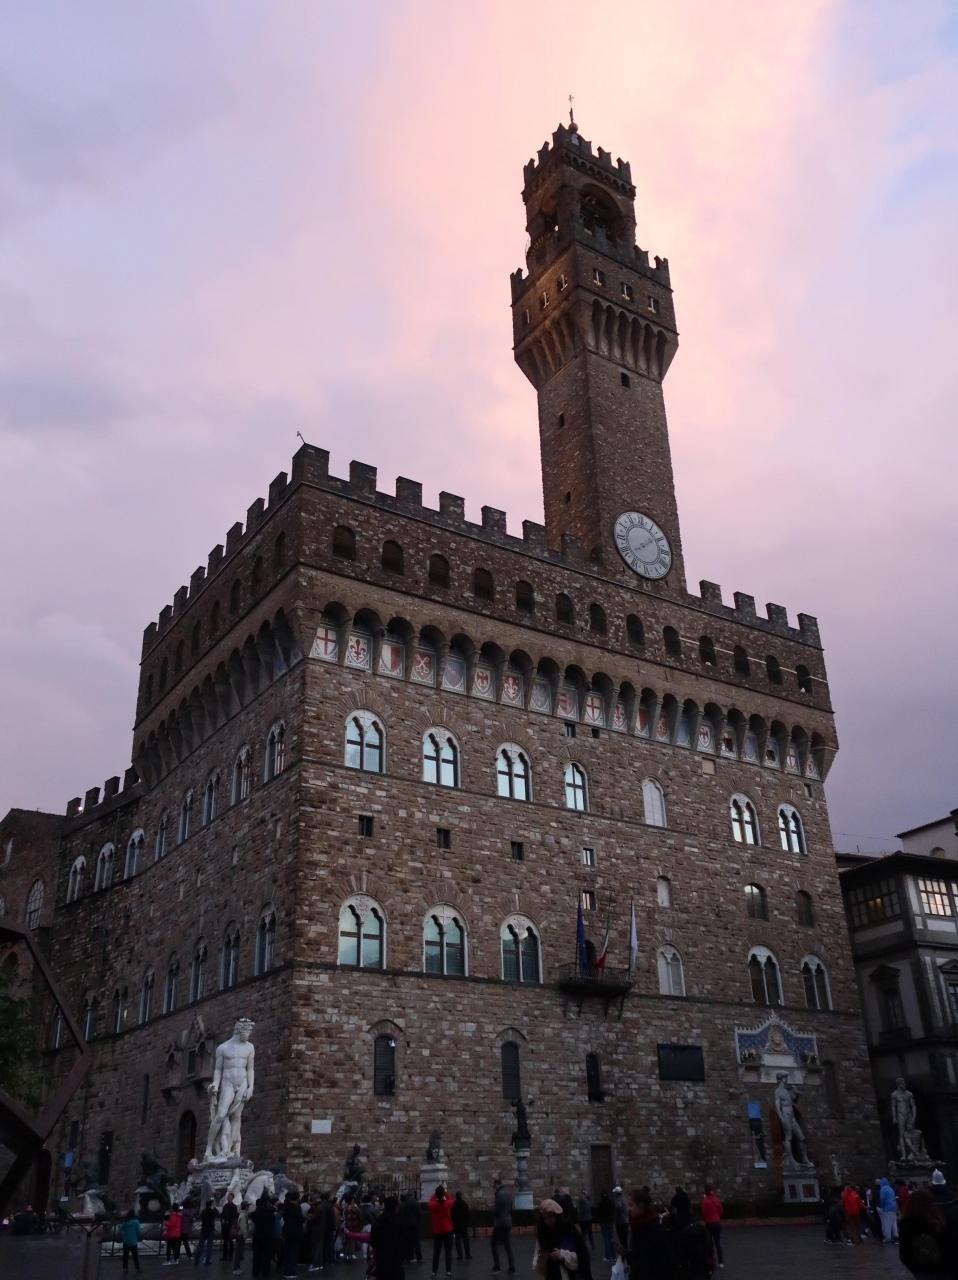 ヴェッキオ宮も夕景に美しい建物です。